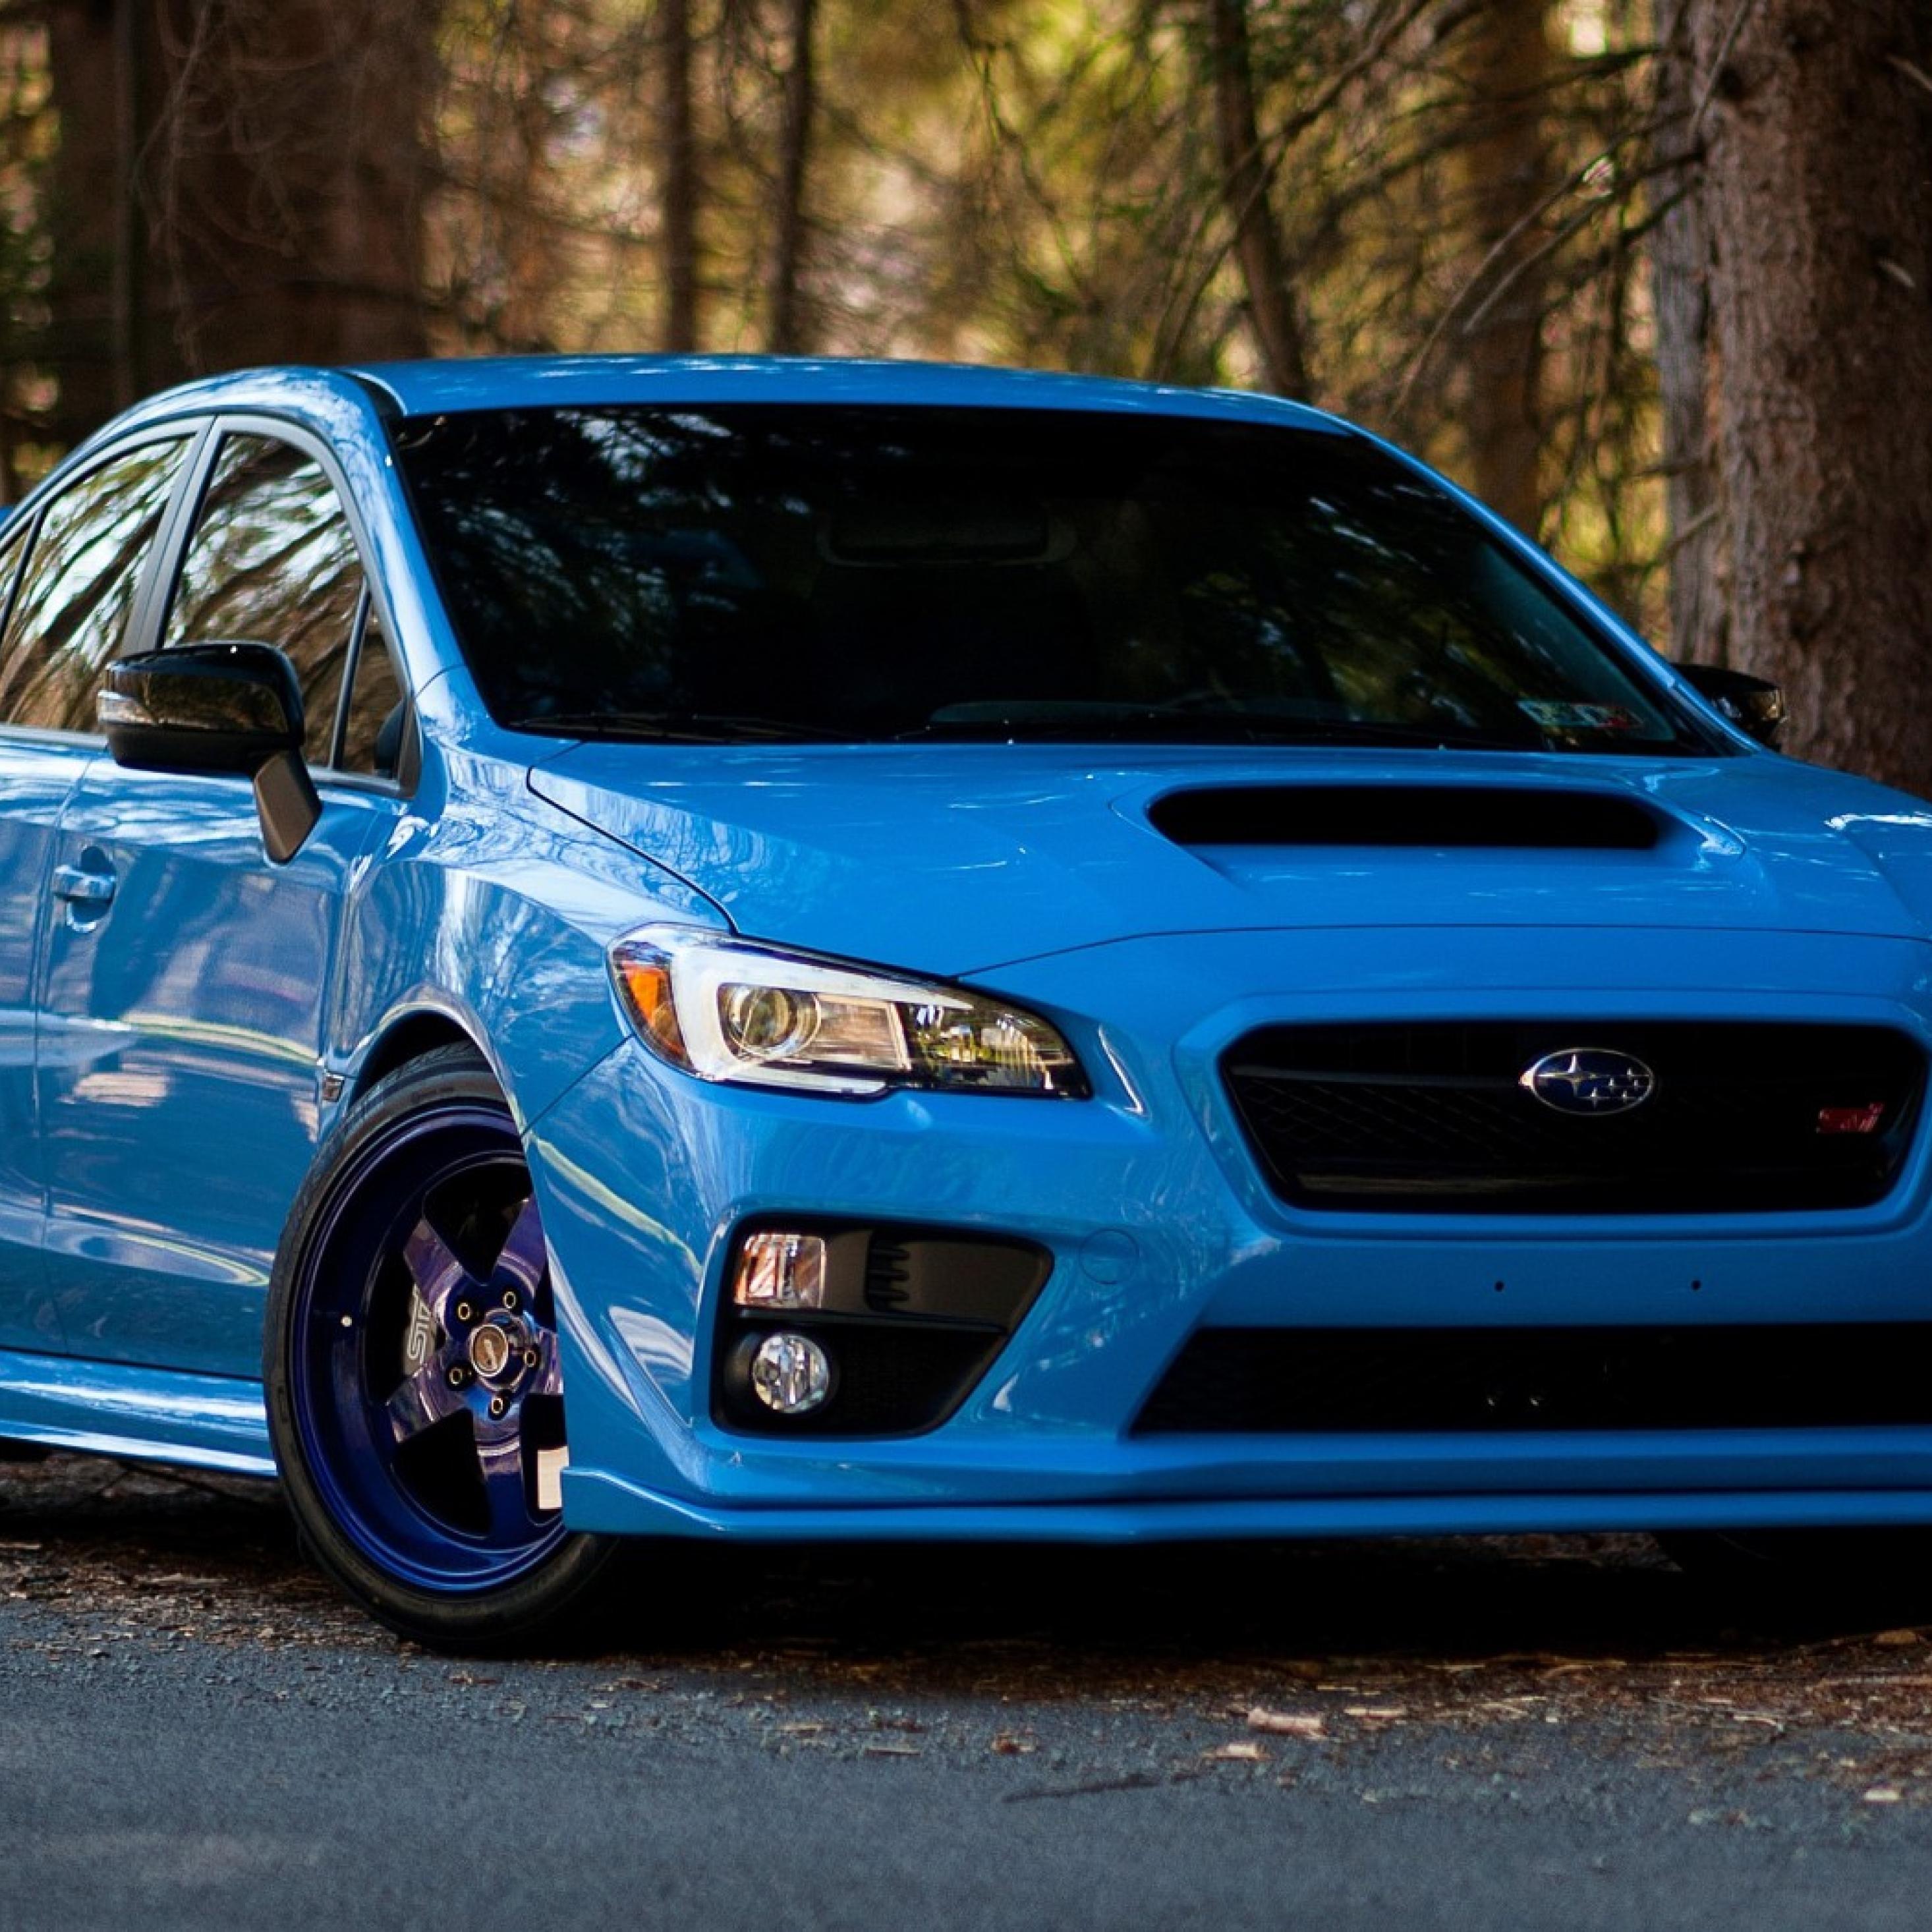 Subaru Car Wallpaper: Subaru, Wrx, Sti, Full HD Wallpaper